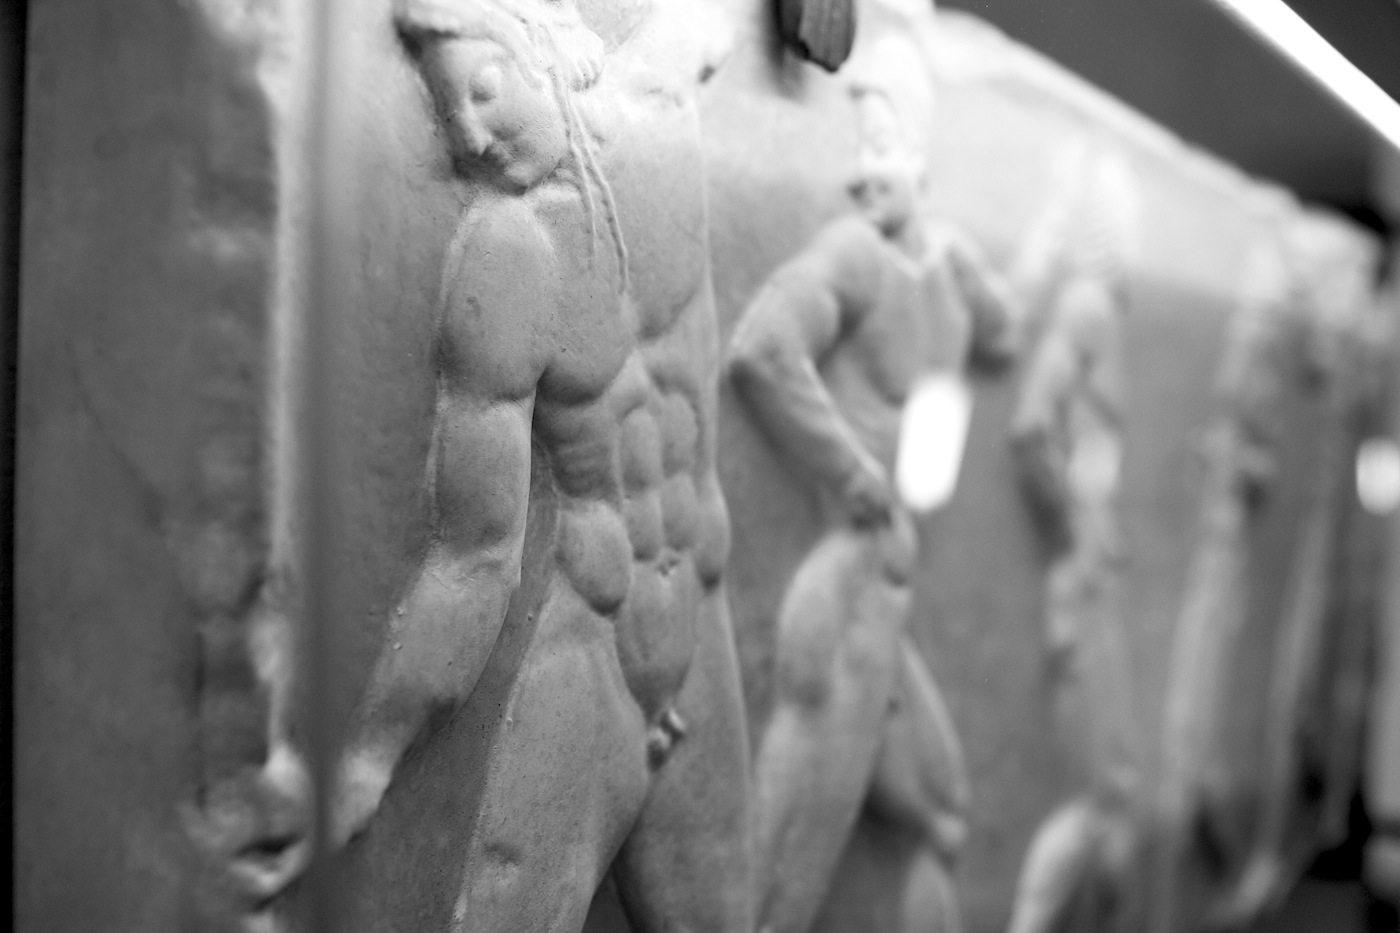 Derag Livinghotel De Medici.  Das Marmorrelief zeigt Ballspieler aus Griechenland im 6. Jahrhundert v. Chr.